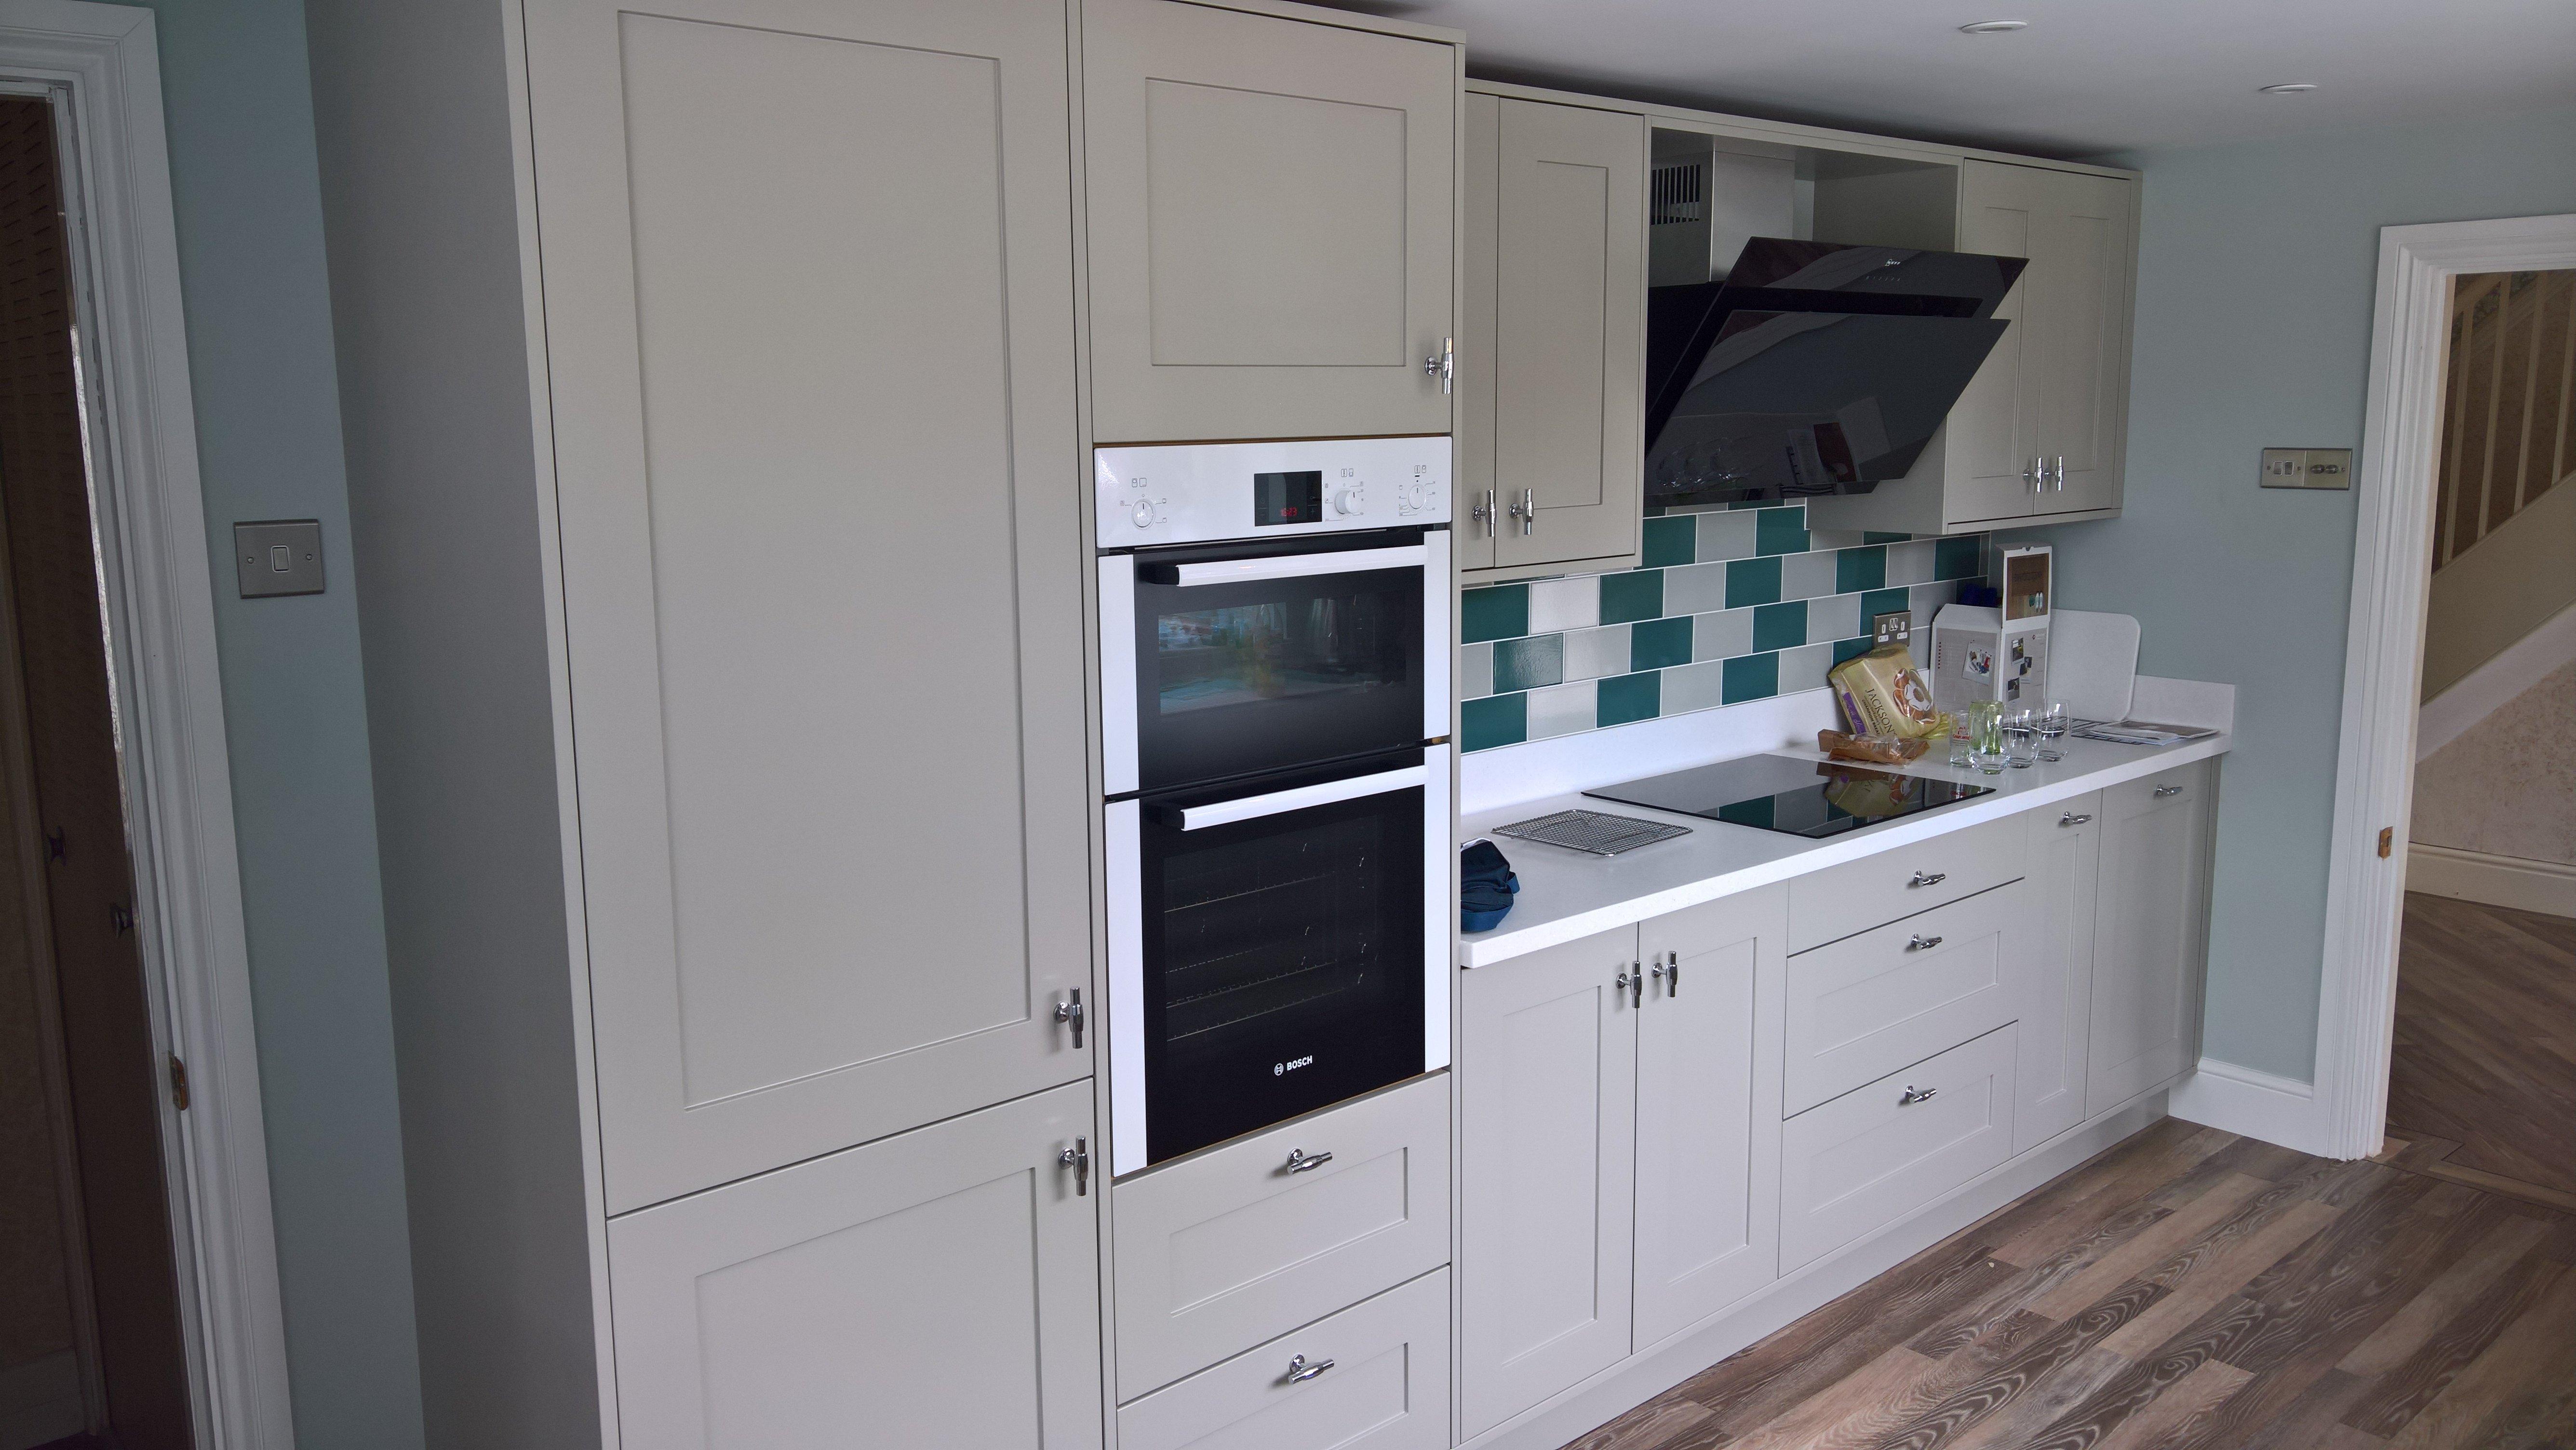 New kitchen worktop